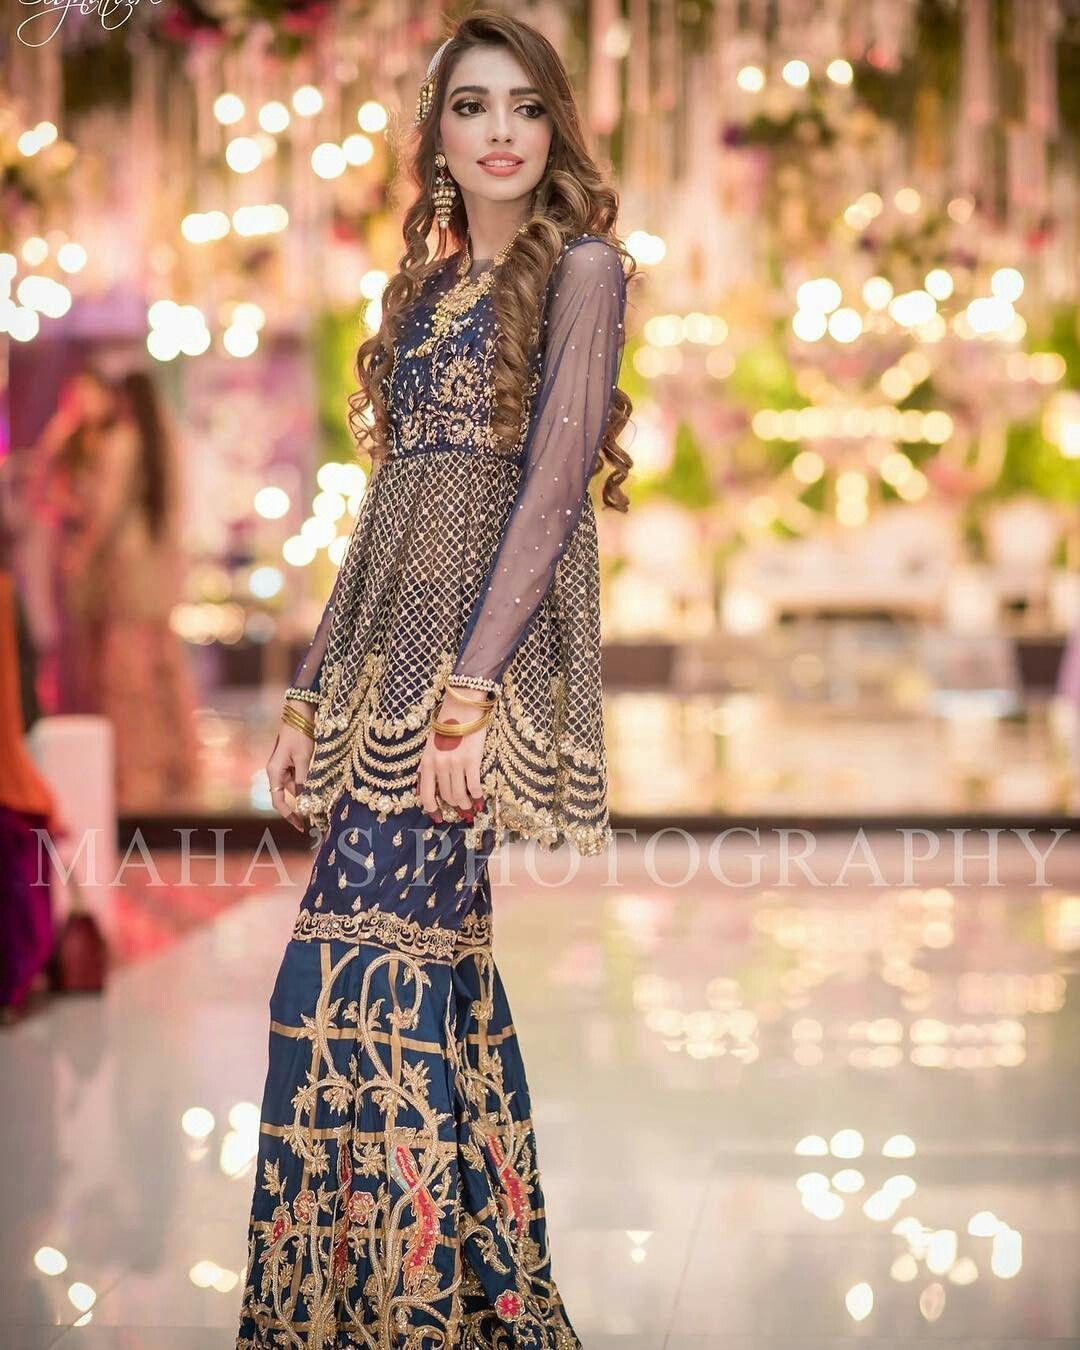 Pin von AsMa Mujeer 🏇 auf Fine Art Weddings | Pinterest